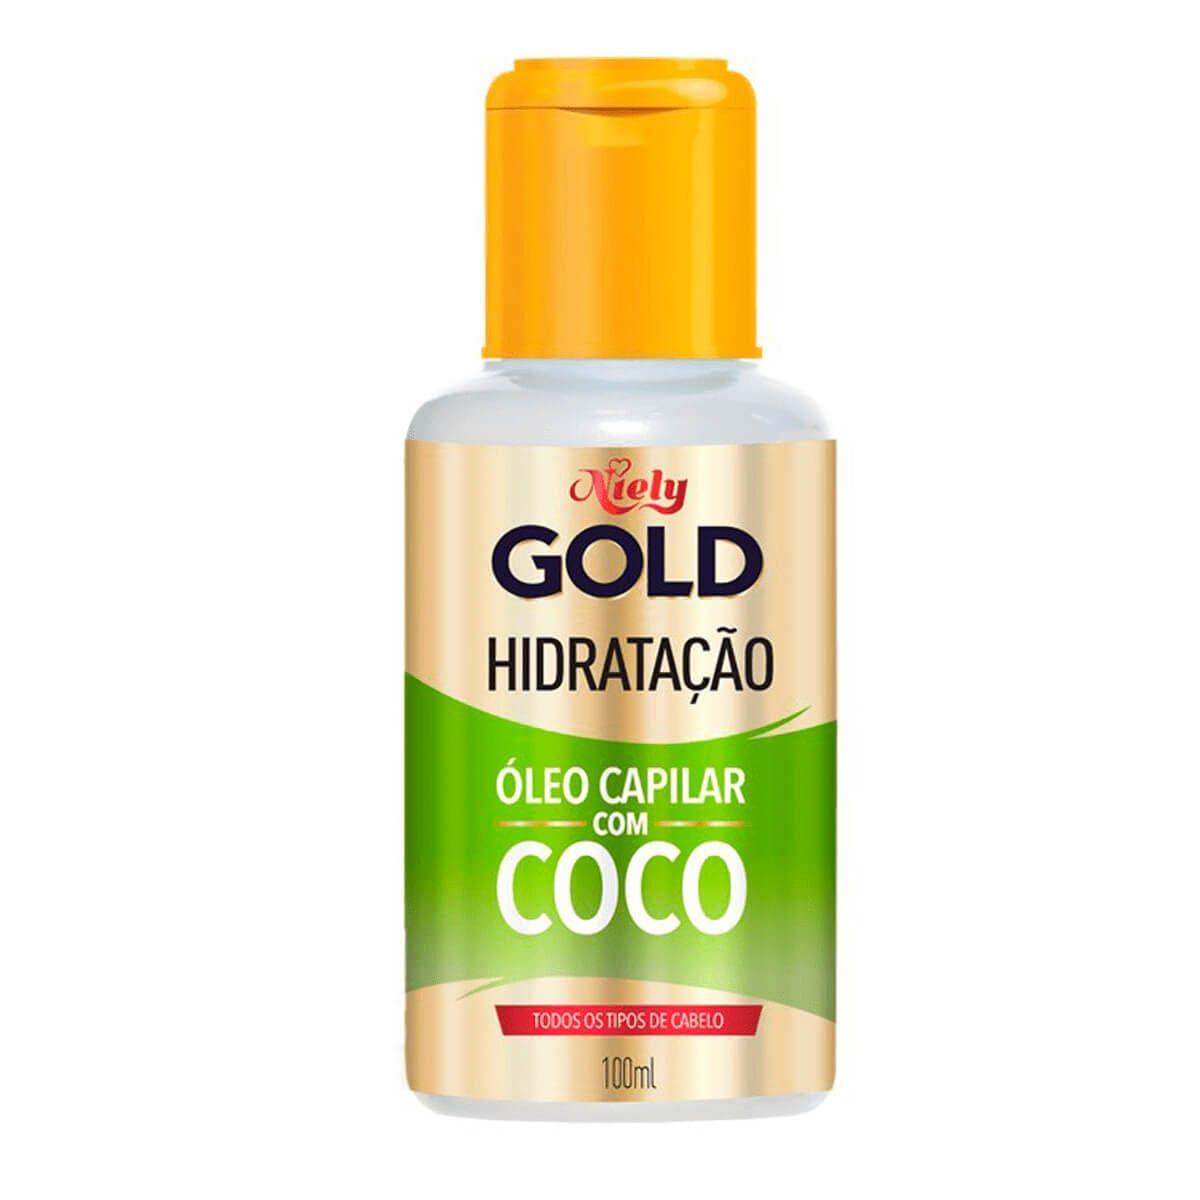 Niely Gold Óleo Capilar Hidratação com Coco 100mL